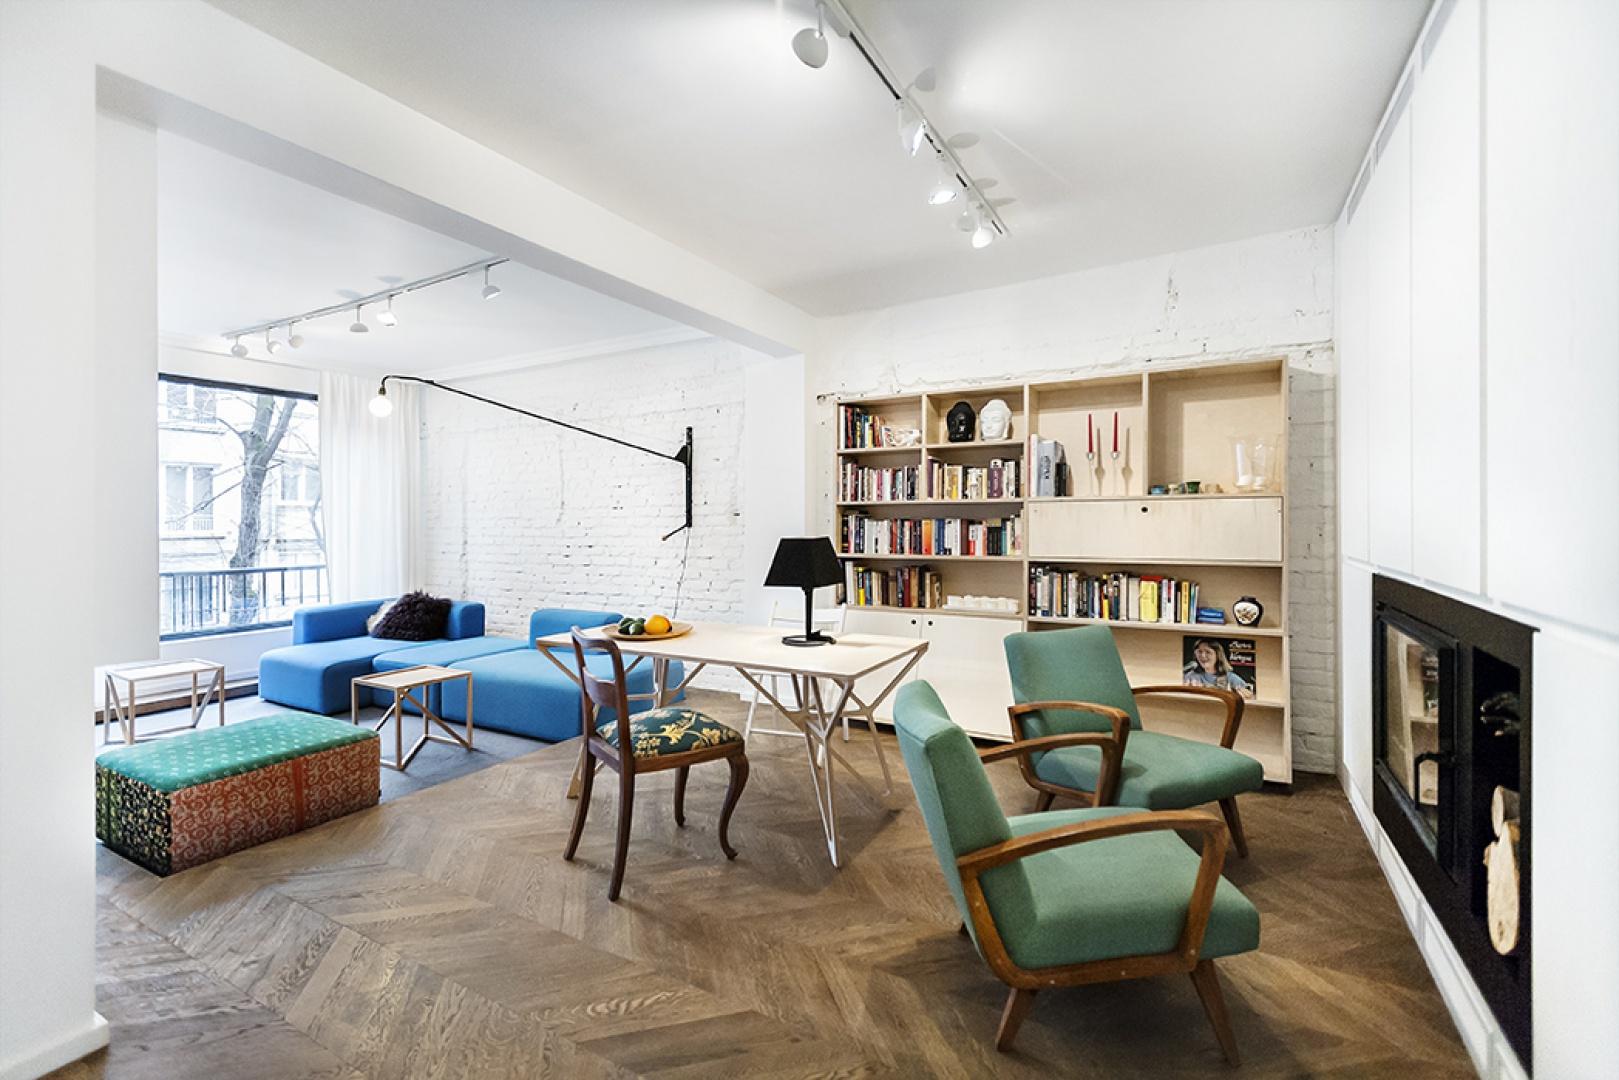 Jadalnia i salon posiadają wiele cech wspólnych. Spaja je wizualnie białą cegła na ścianie i drewniana podłoga. Projekt: dontDIY. Fot. Asen Emilov.